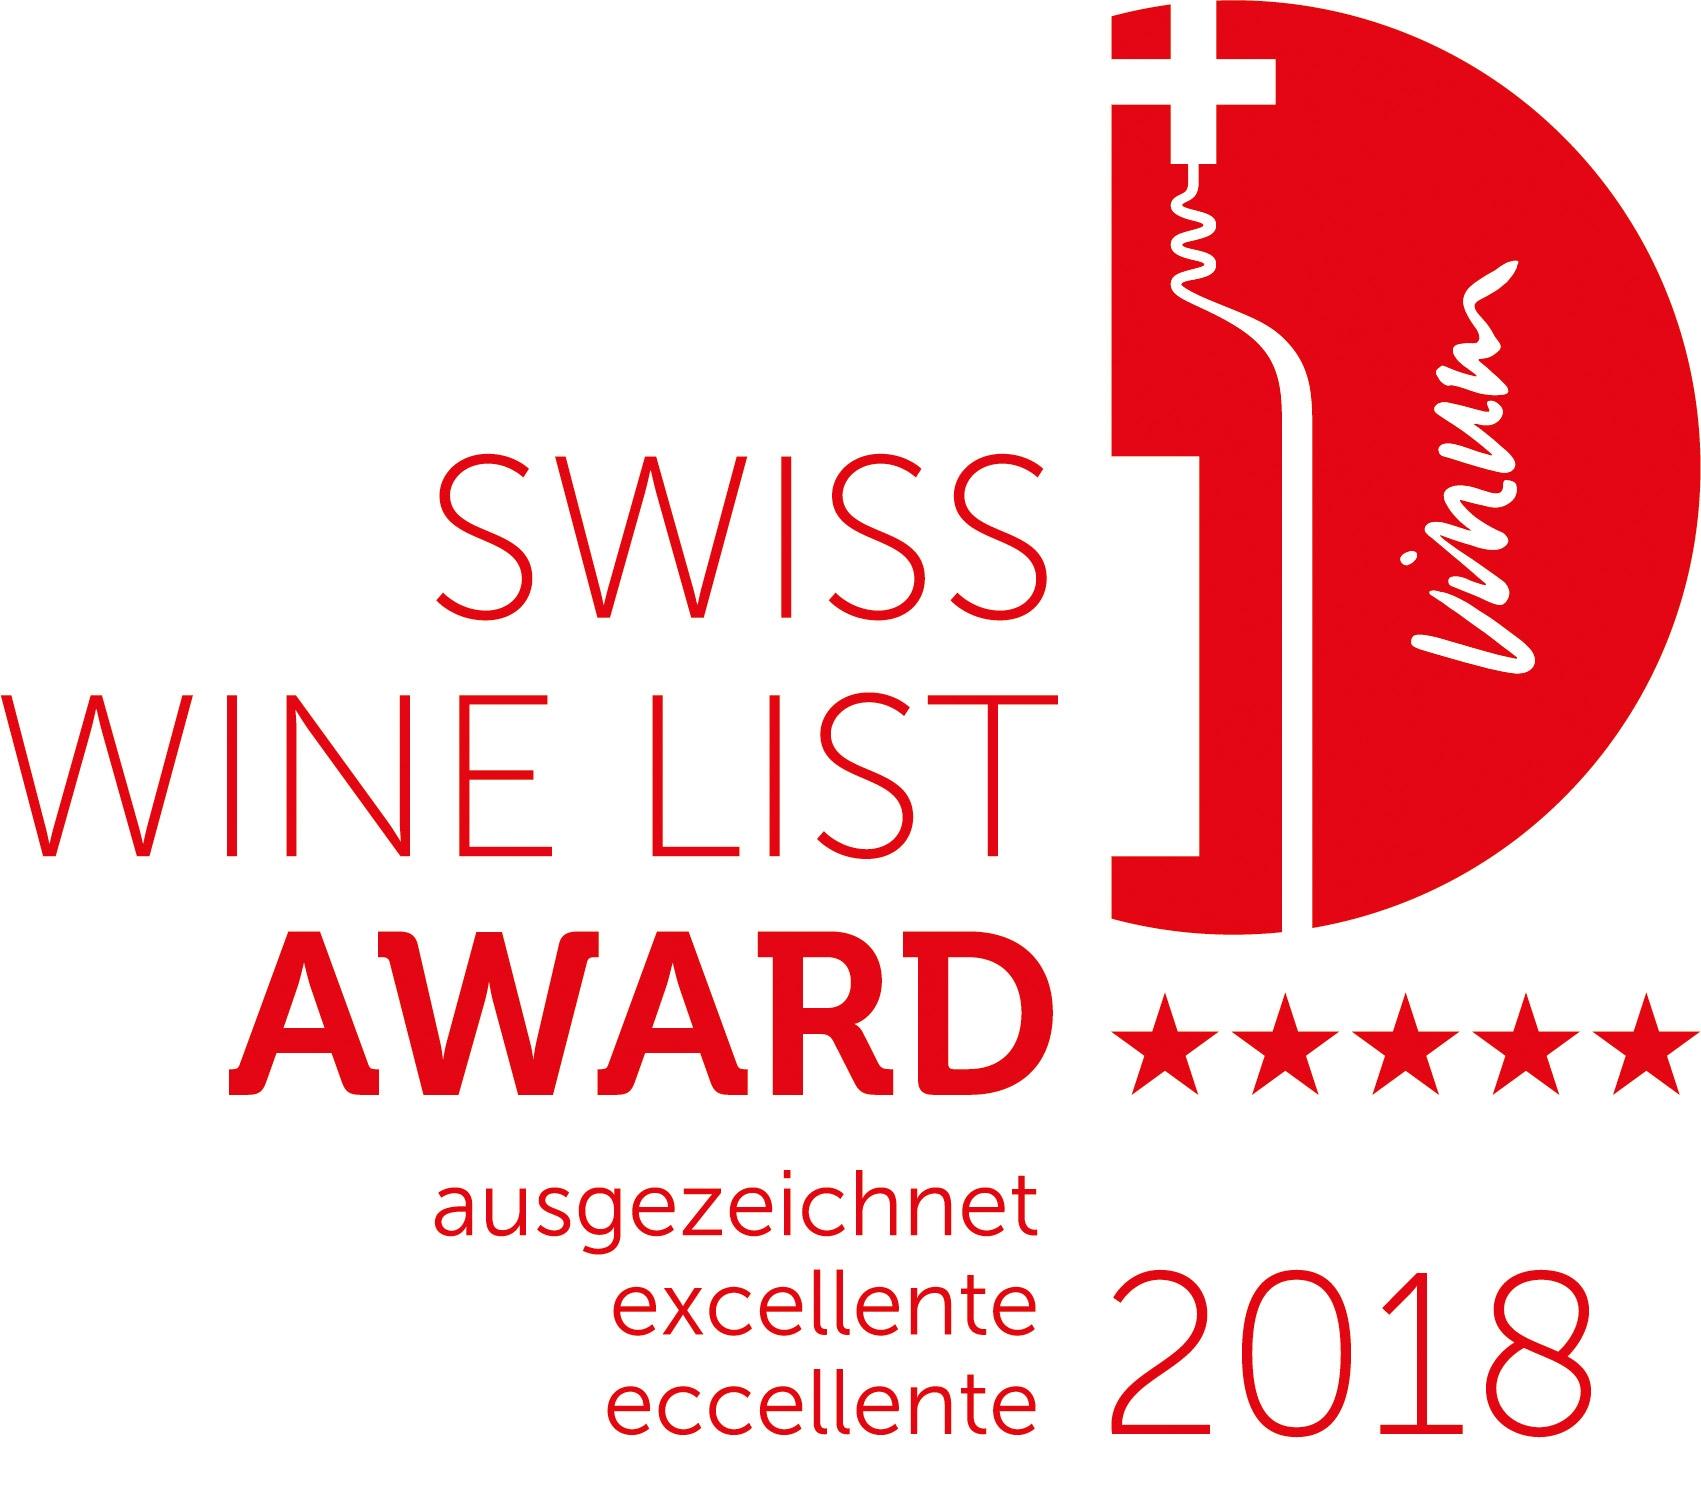 Swiss Wine List Award